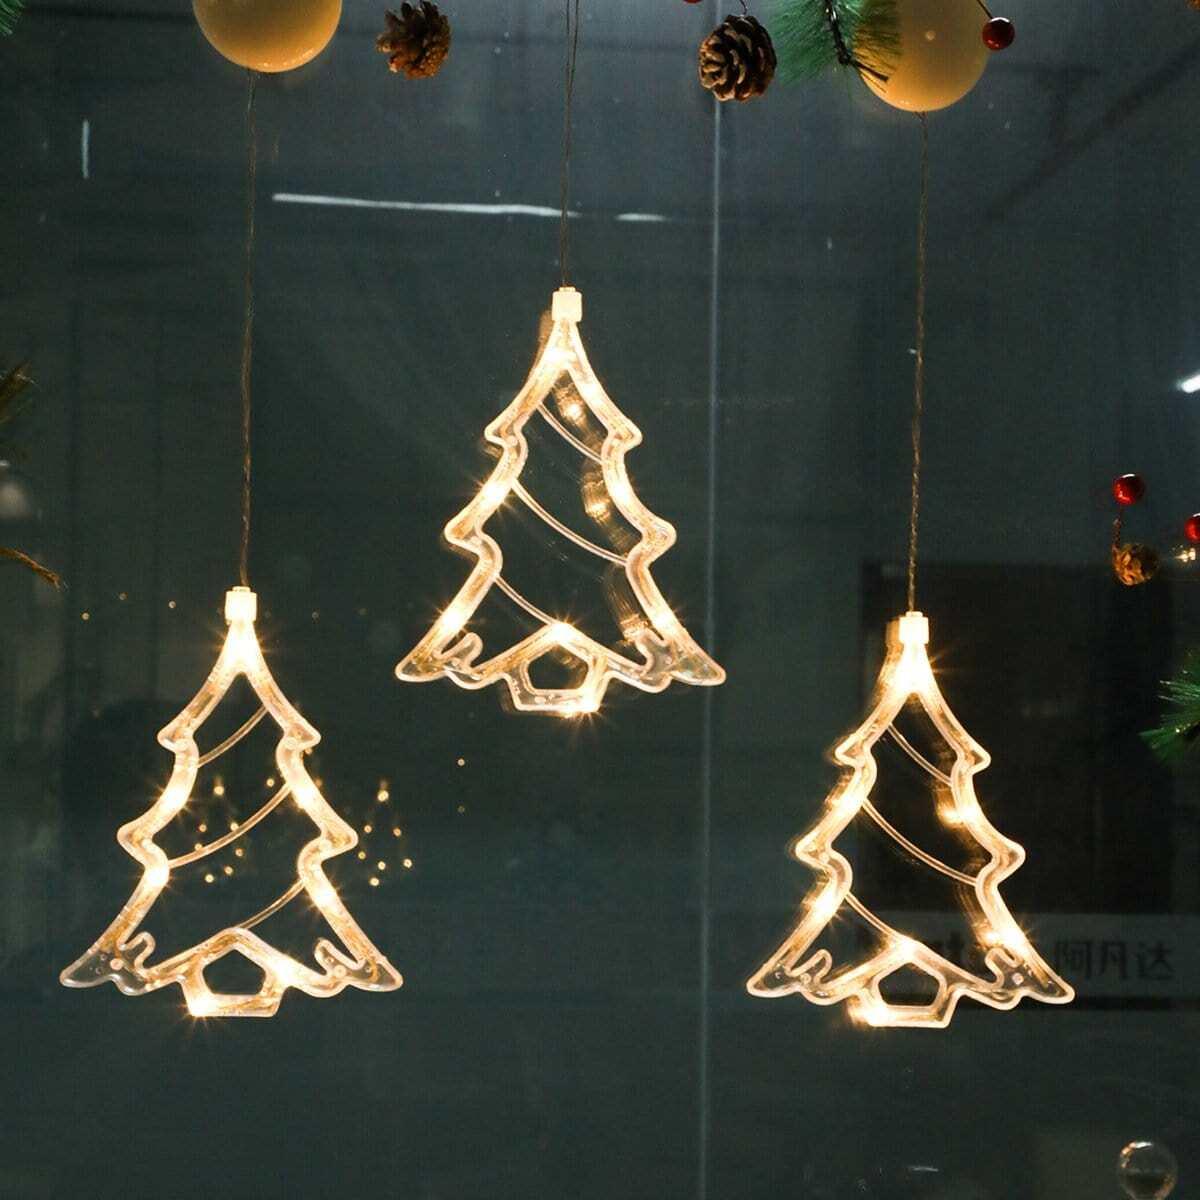 Kerstboomvormige lamp 12V 1 st